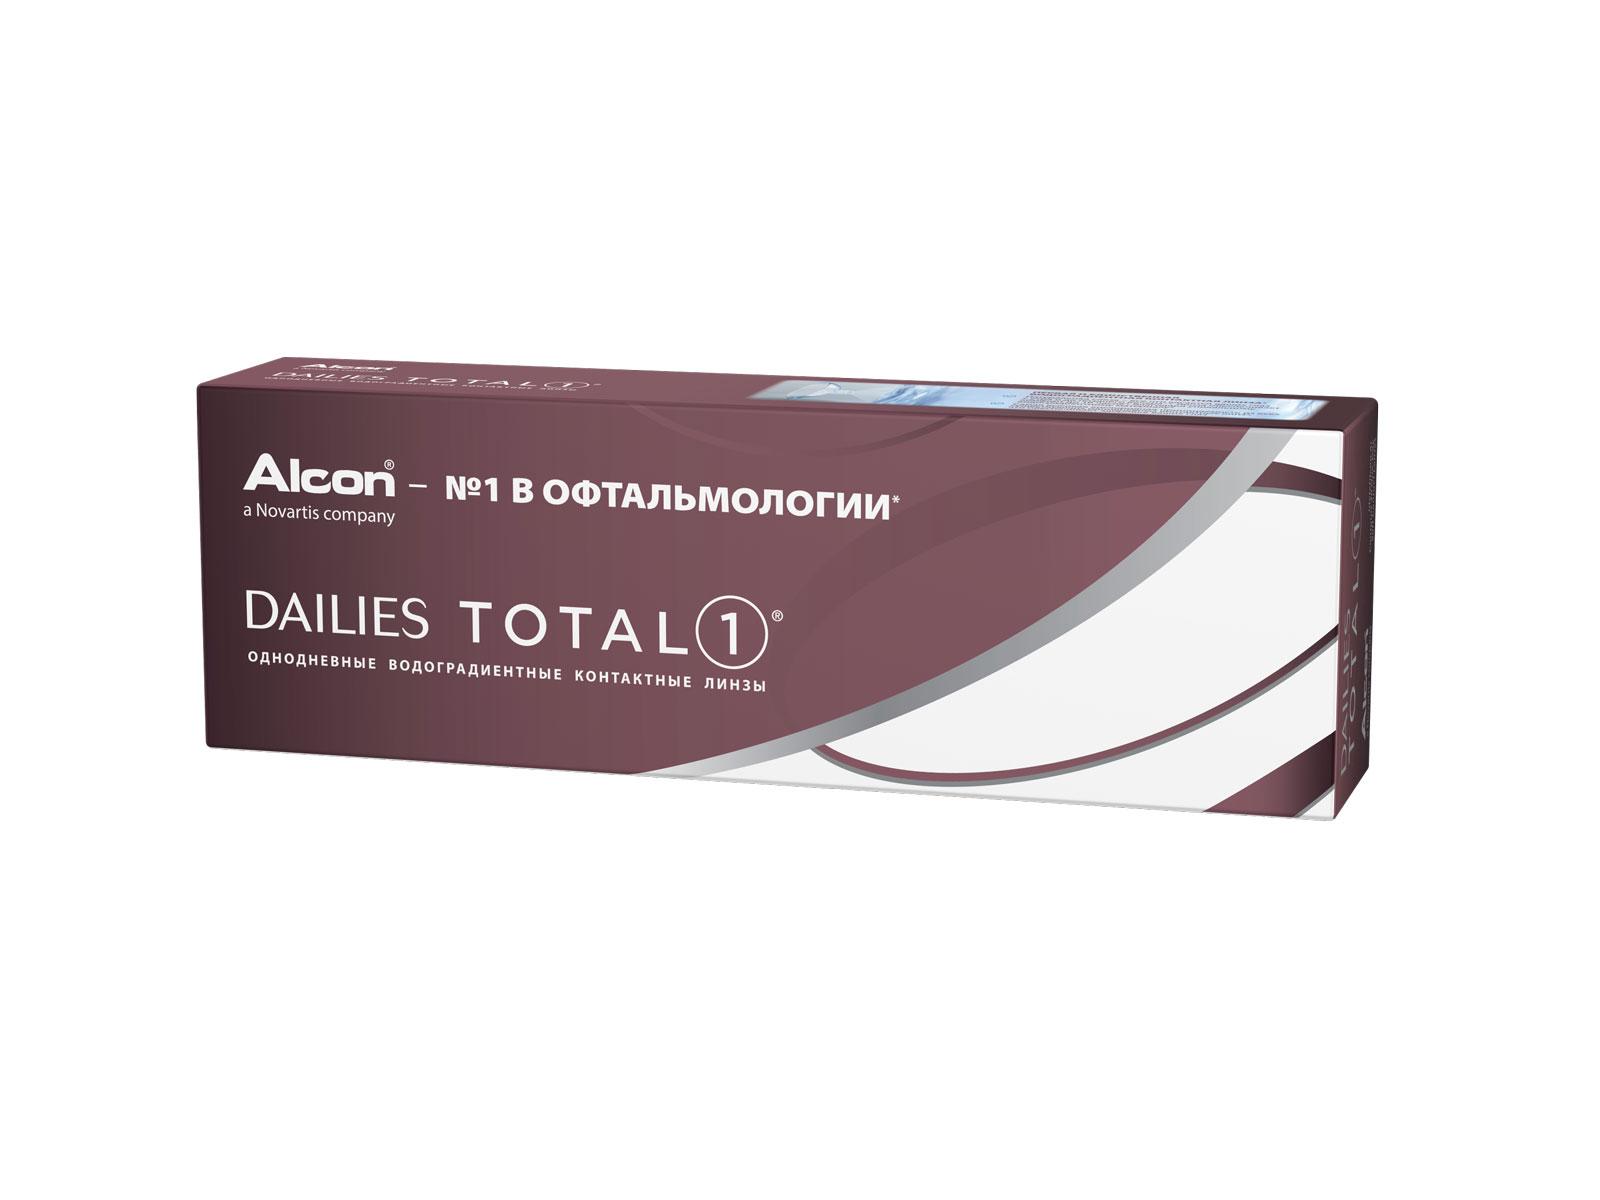 Alcon контактные линзы Dailies Total 1 30pk /-2.25 / 8.5 / 14.1100005965Dailies Total 1 – линзы, которые не чувствуешь с утра и до поздного вечера. Эти однодневные контактные линзы выполнены из уникального водоградиентного материала, багодаря которому натуральная слеза – это все, что касается ваших глаз. Почти 100% влаги на поверхности обеспечивают непревзойденный комфорт до 16 часов ношения.